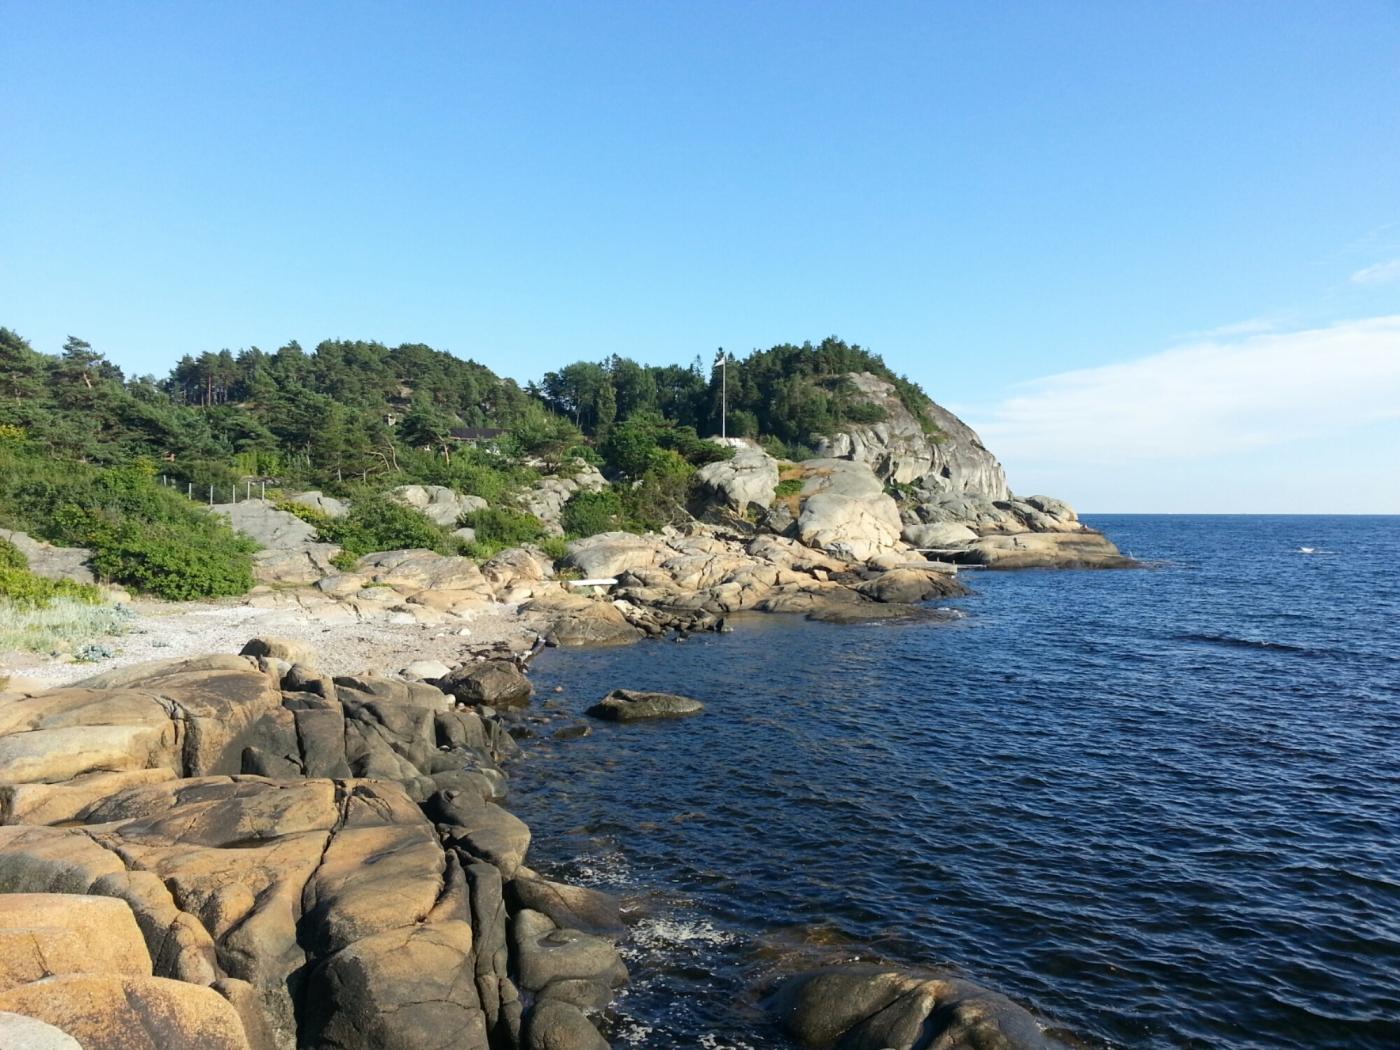 Aussicht auf die Küste bei Larvik (Gon Camping)